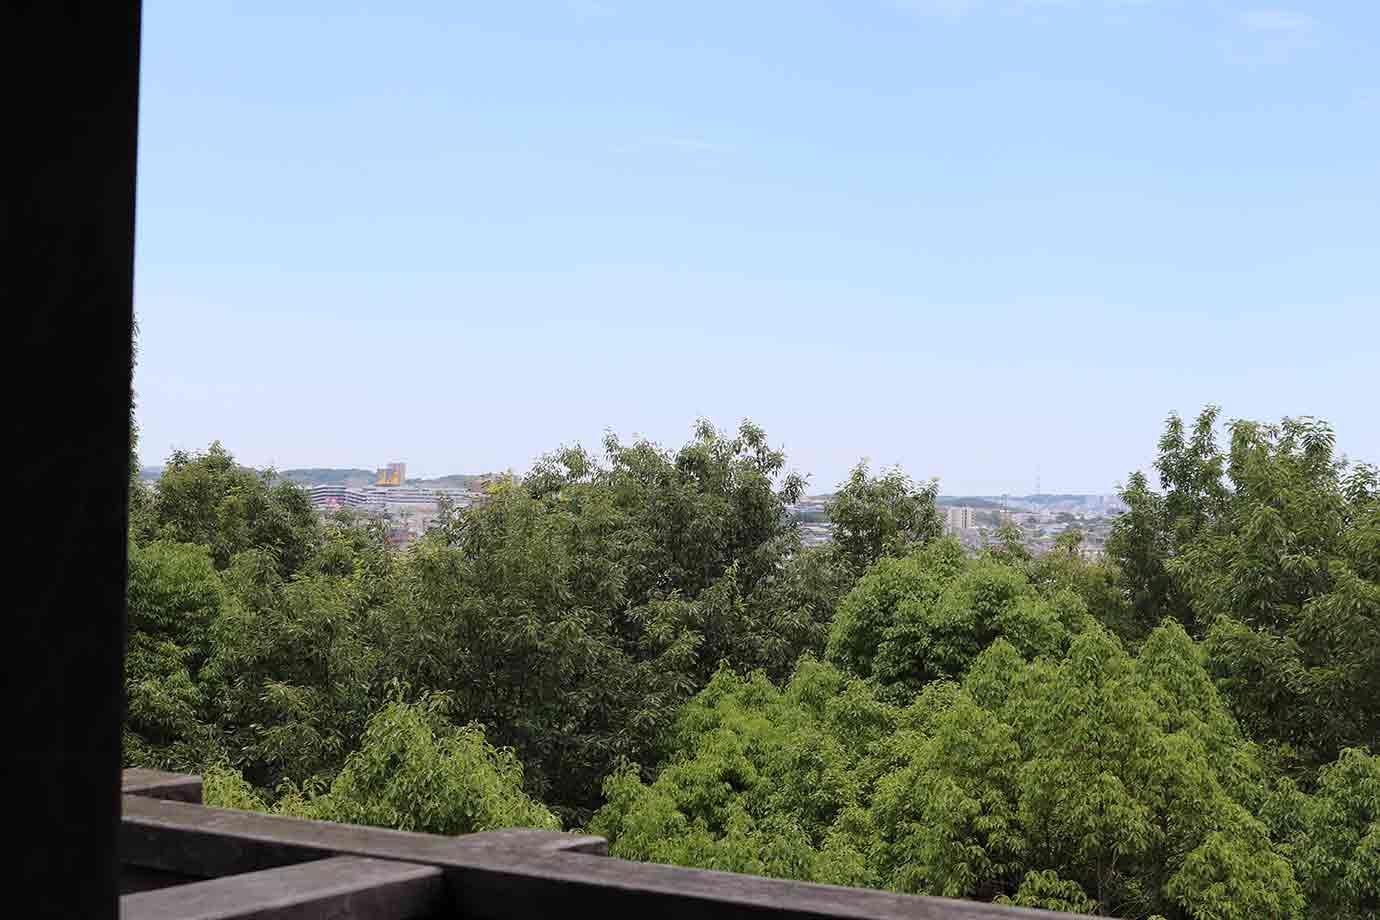 階段をのぼり、上から景色を眺めると、激戦地となった仏ケ根方面(現在の長久手古戦場付近)が遠望できます